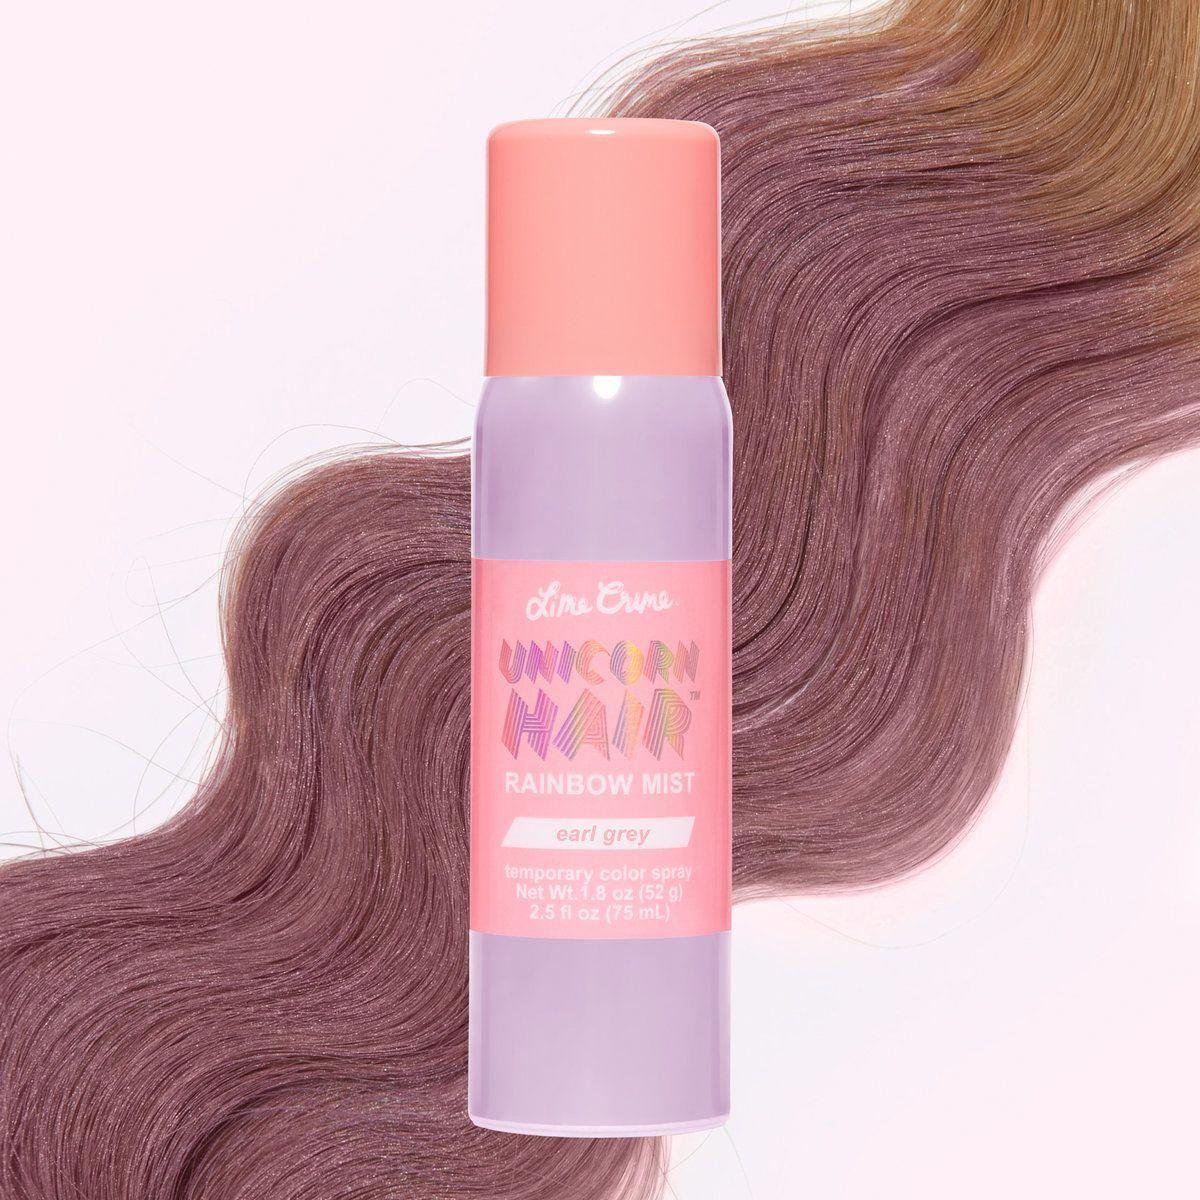 11 Best Hair Spray Light Hold Gray Hair Spray Kids Hairstyle Hairy Hairspray In 2020 Hair Color Spray Hair Tint Color Spray